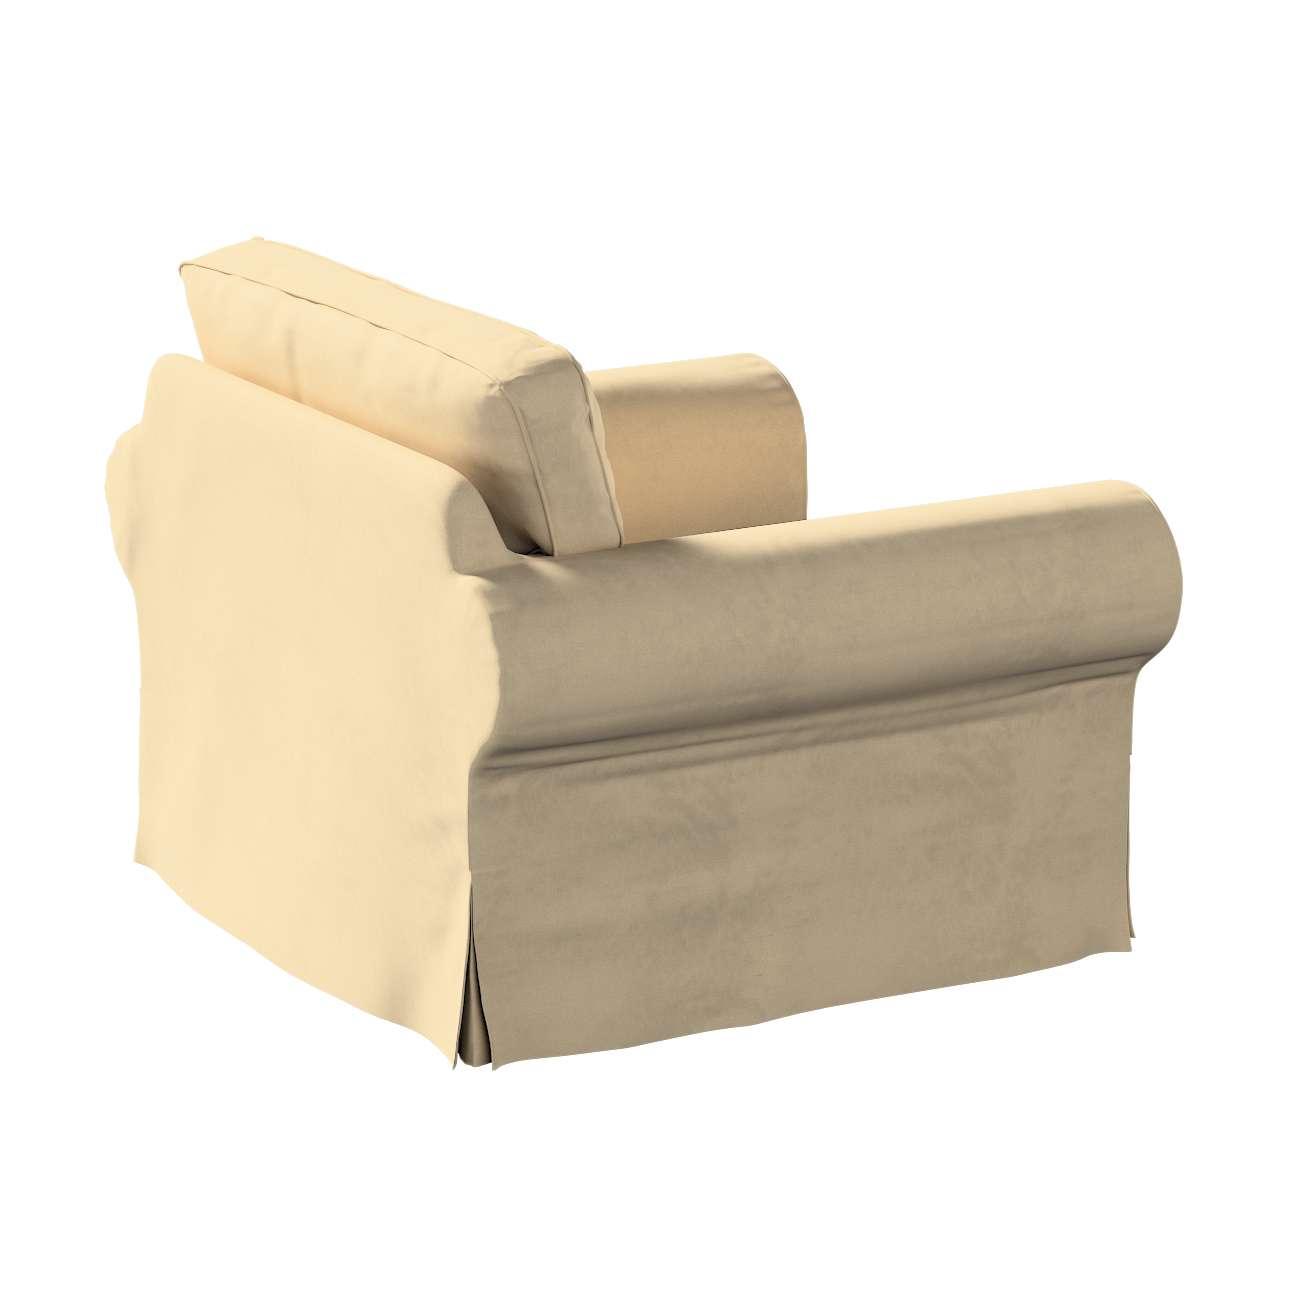 Pokrowiec na fotel Ektorp w kolekcji Living, tkanina: 160-82